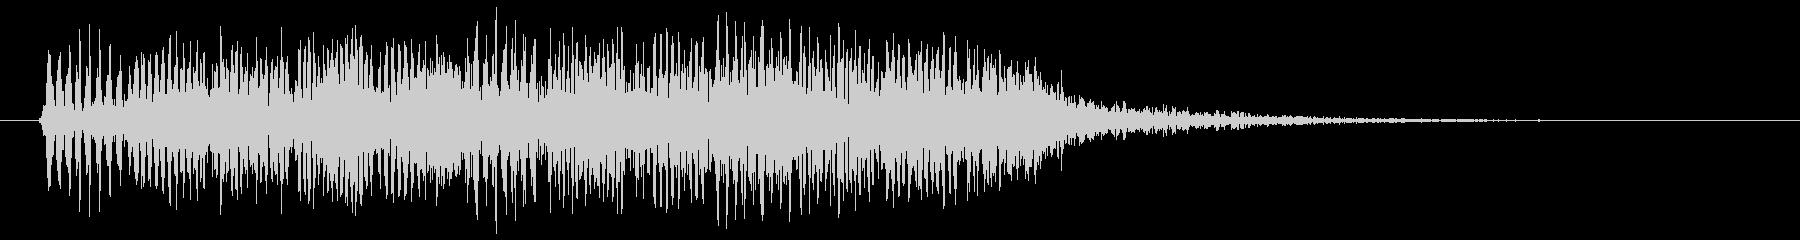 ぶわわ パワーダウン ぼわ 低音の未再生の波形